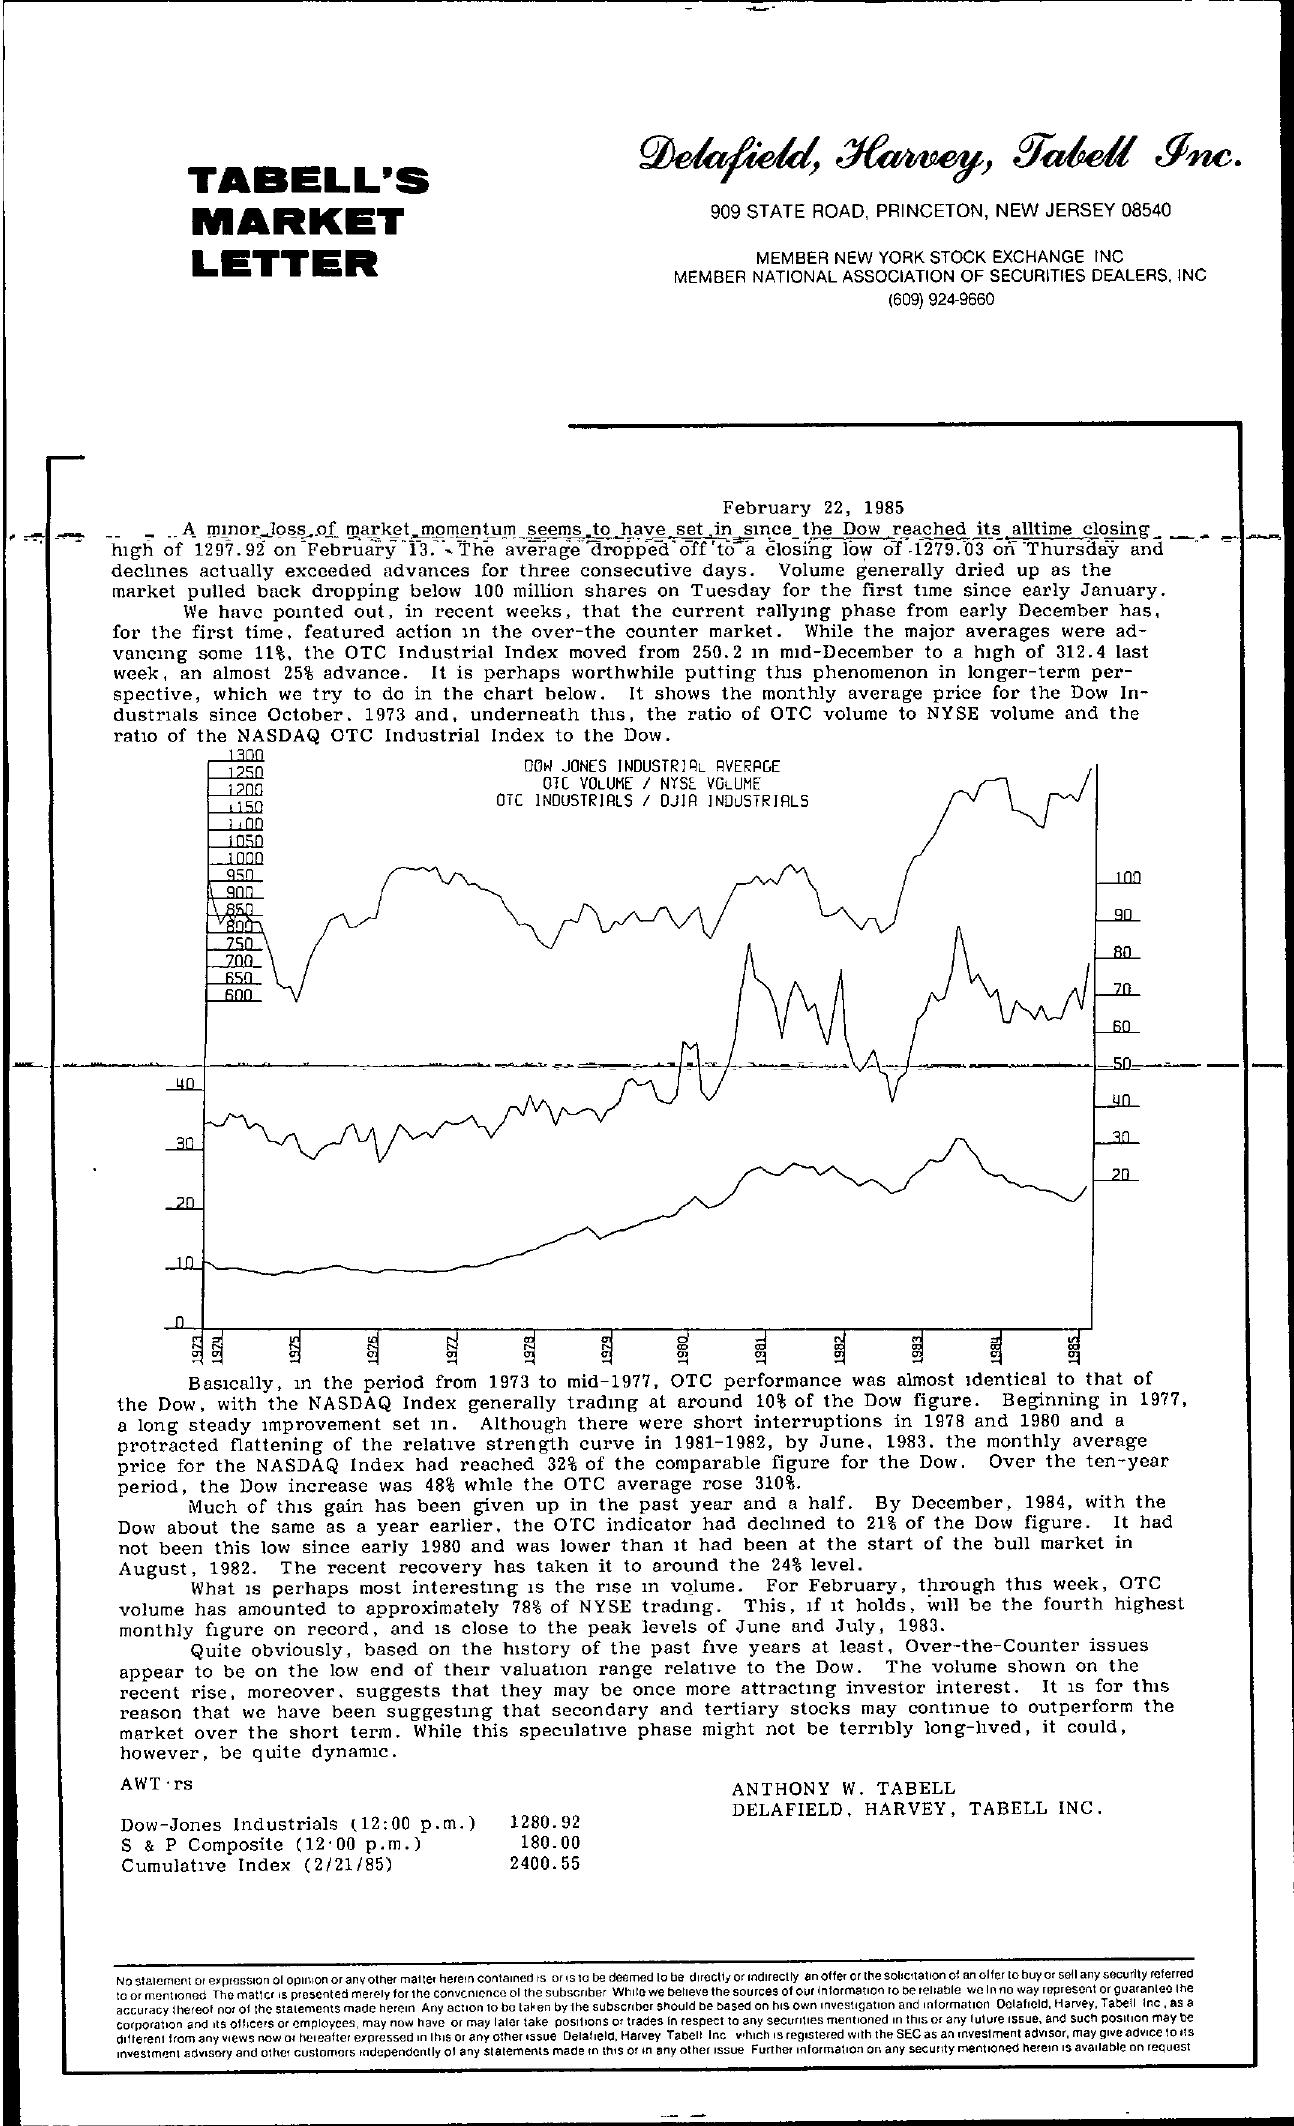 Tabell's Market Letter - February 22, 1985